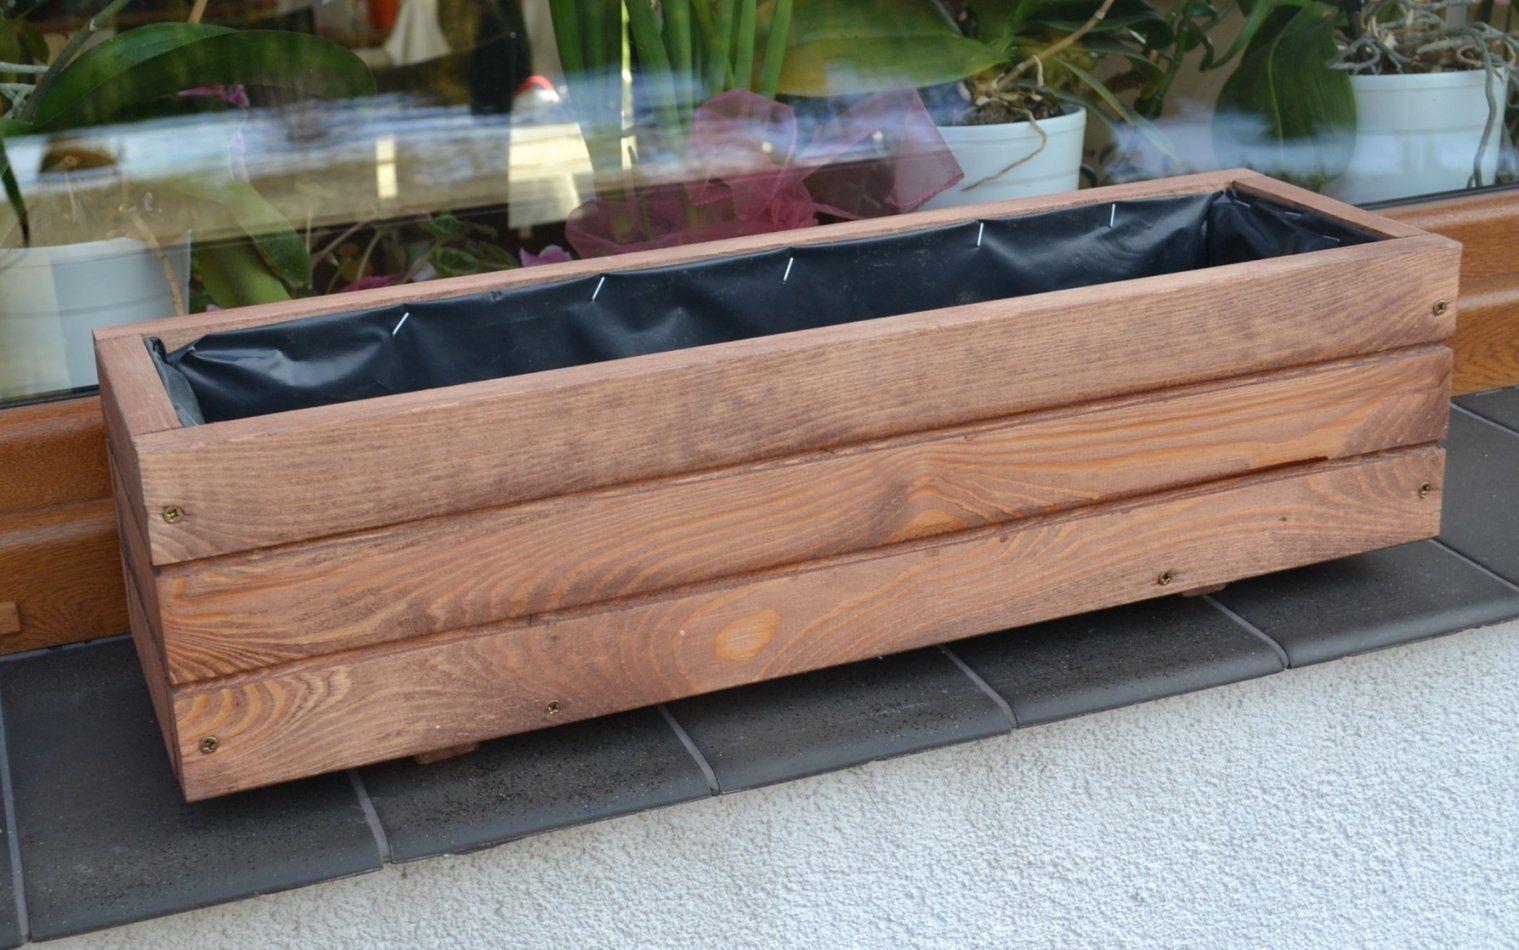 Pflanzkübel Holz D2 Pflanzkasten 80 100 Cm Xxl Blumenkasten Avec von Blumenkübel Aus Holz Selber Bauen Bild